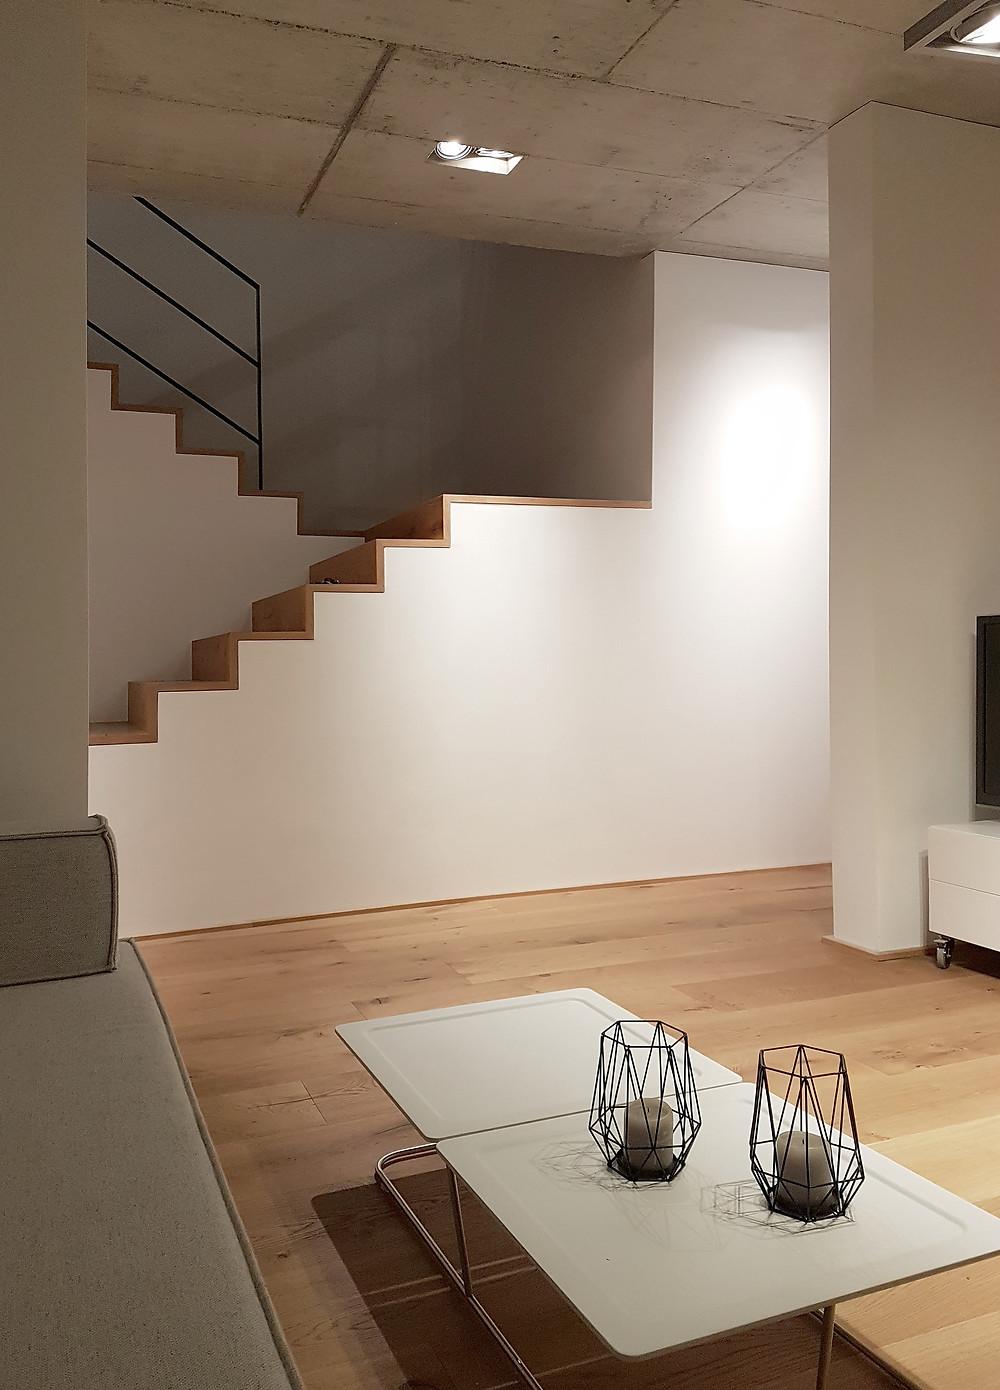 Treppe, Haus in Herdecke - kirschnick architektur BDA